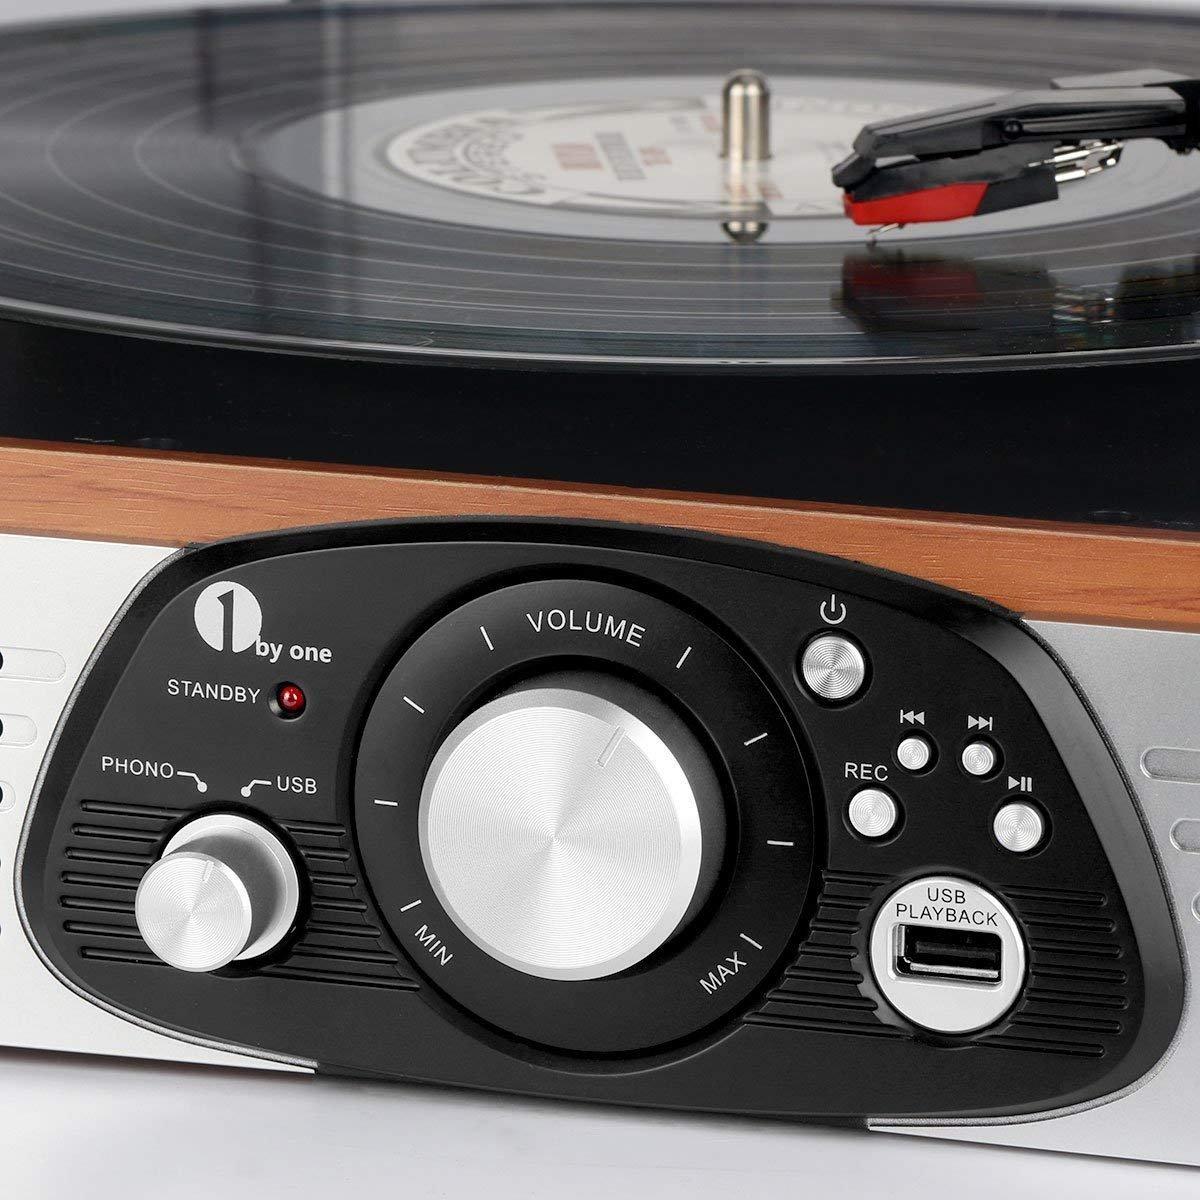 Stereo Giradischi 1 BY ONE con Cinghia a 3 Velocit/à e Altoparlante Integrato Lettore Multiplo con Conversione da Vinili a MP3 USB per Riproduzione MP3 Output RCA Connettore Phono Legno